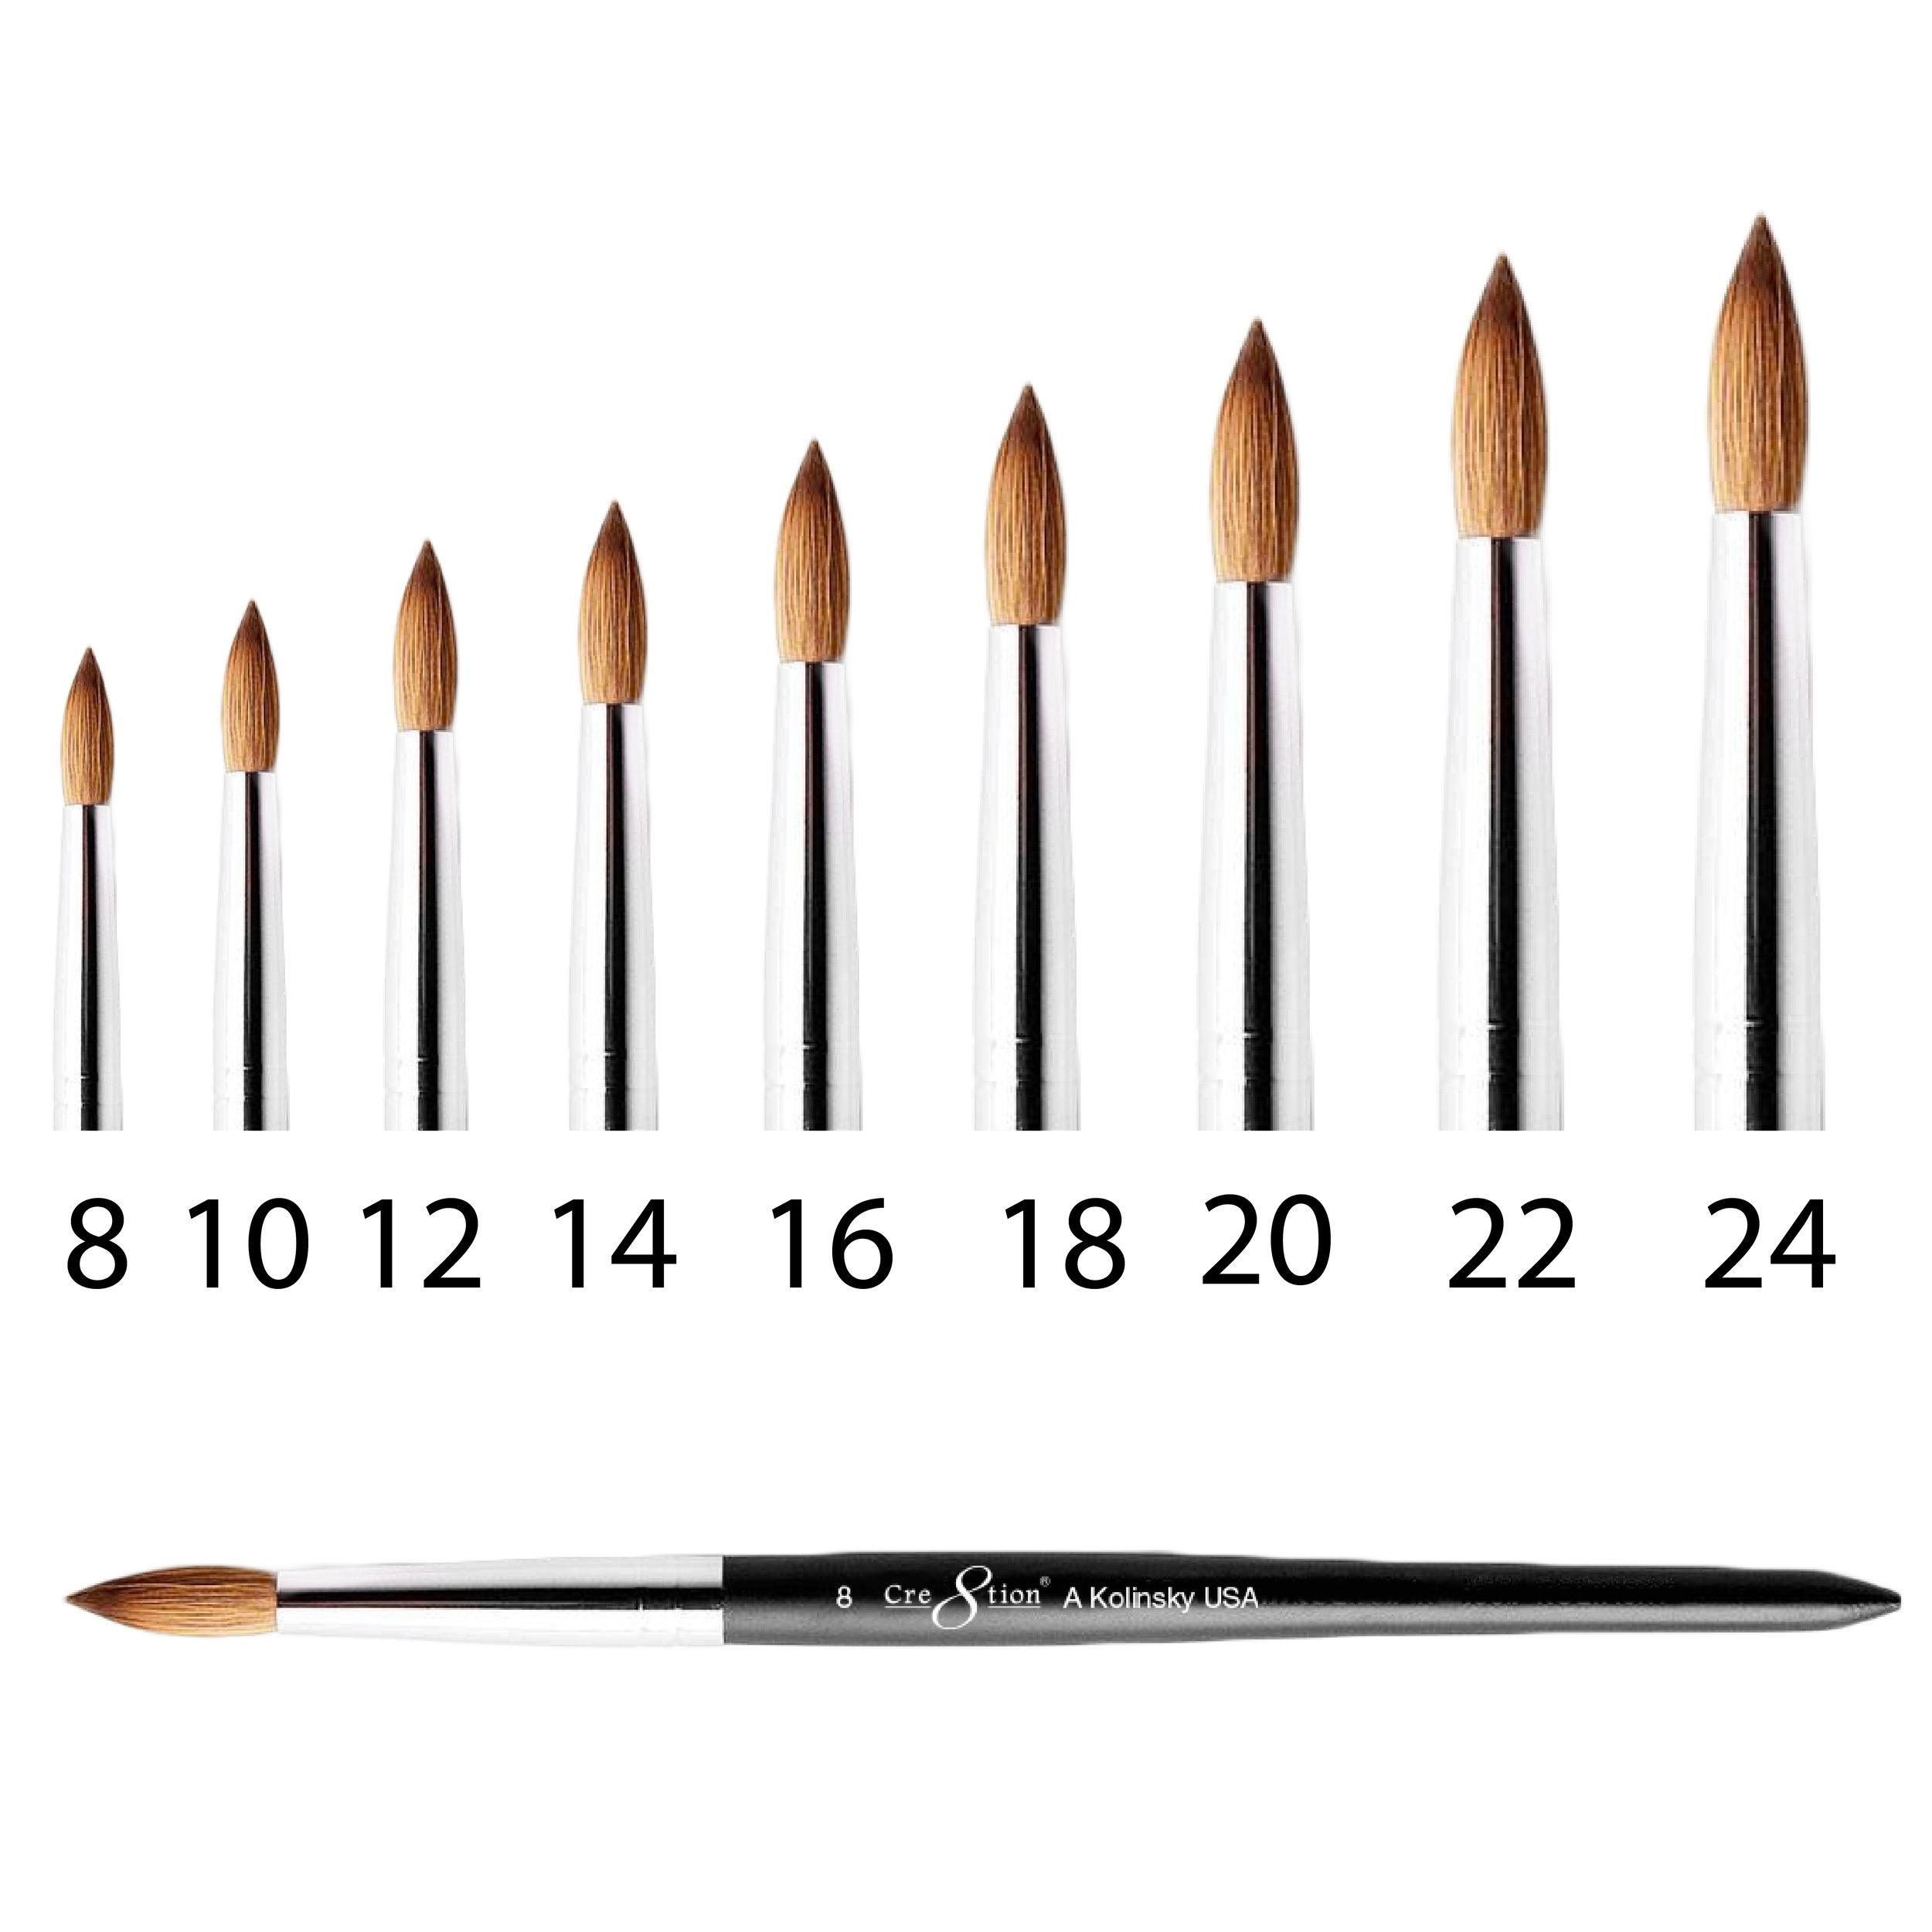 Kolinsky Acrylic Brush A  150 pcs/box, 600 pcs/case  12155 - Size 08 12156 - Size 10 12157 - Size 12 12158 - Size 14 12159 - Size 16 12160 - Size 18 12161 - Size 20 12162 - Size 22 12163 - Size 24